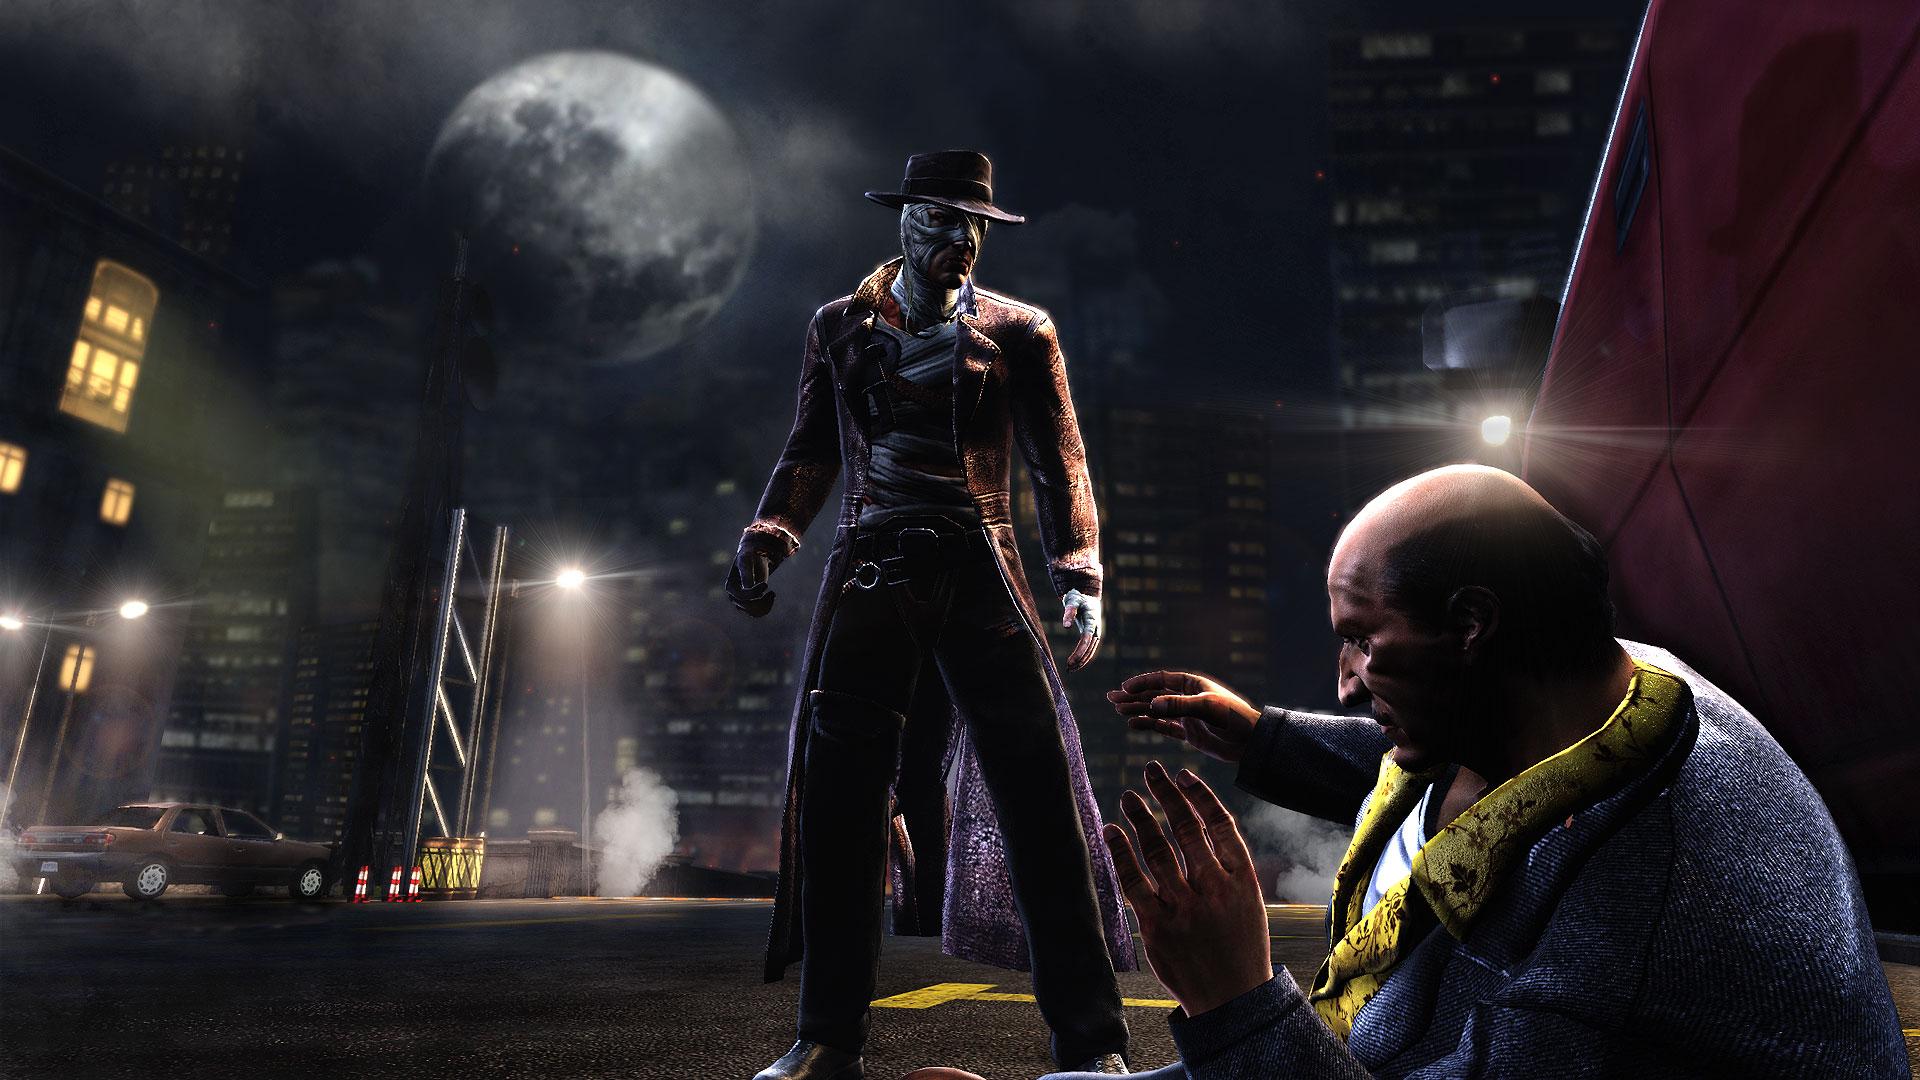 shabgard_gameplay_screenshot9